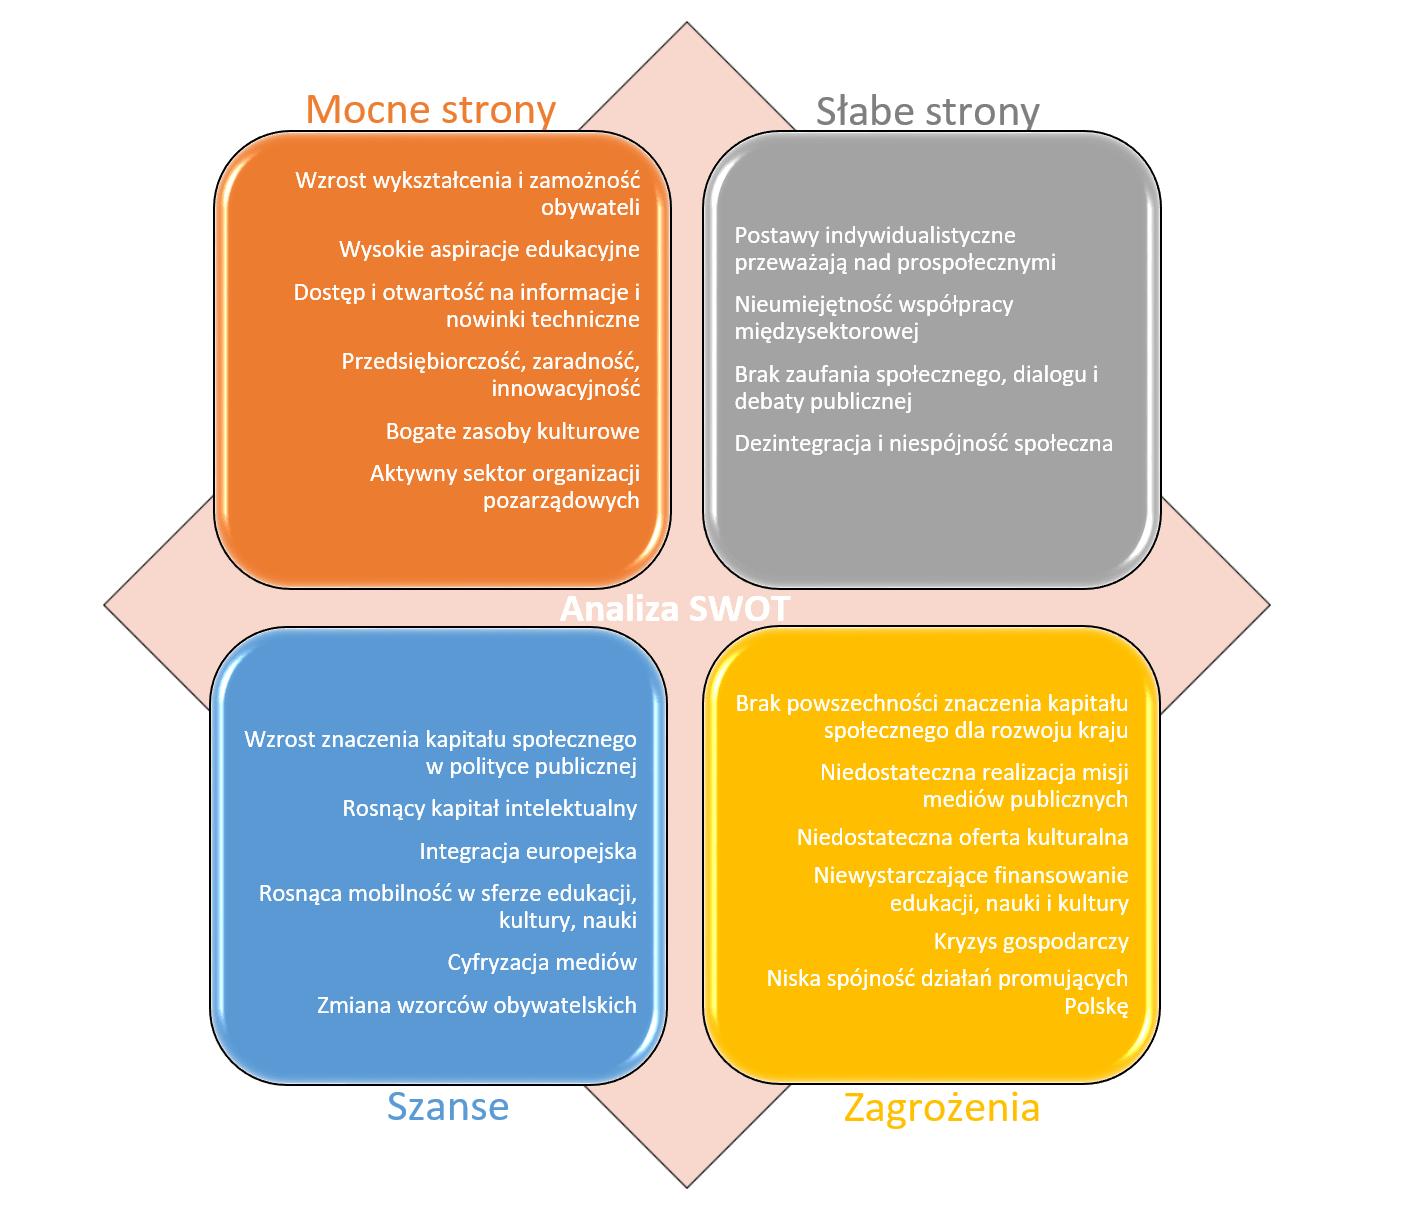 Analiza SWOT kapitału społecznego.